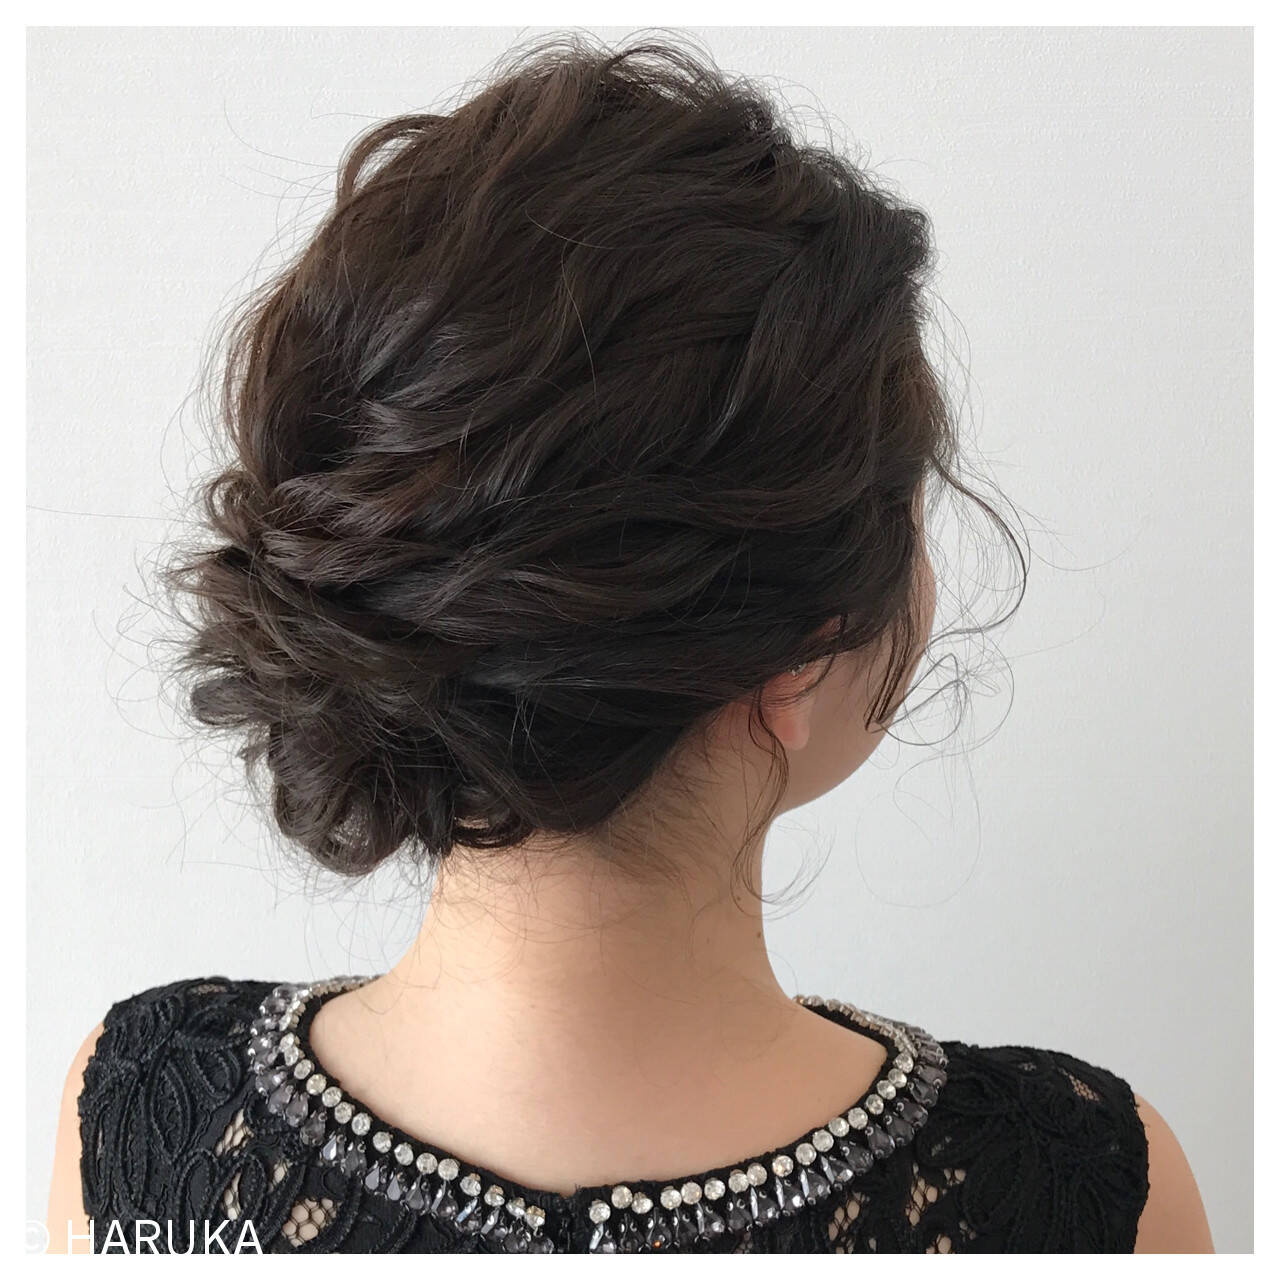 結婚式 ヘアアレンジ ロング セミロングヘアスタイルや髪型の写真・画像